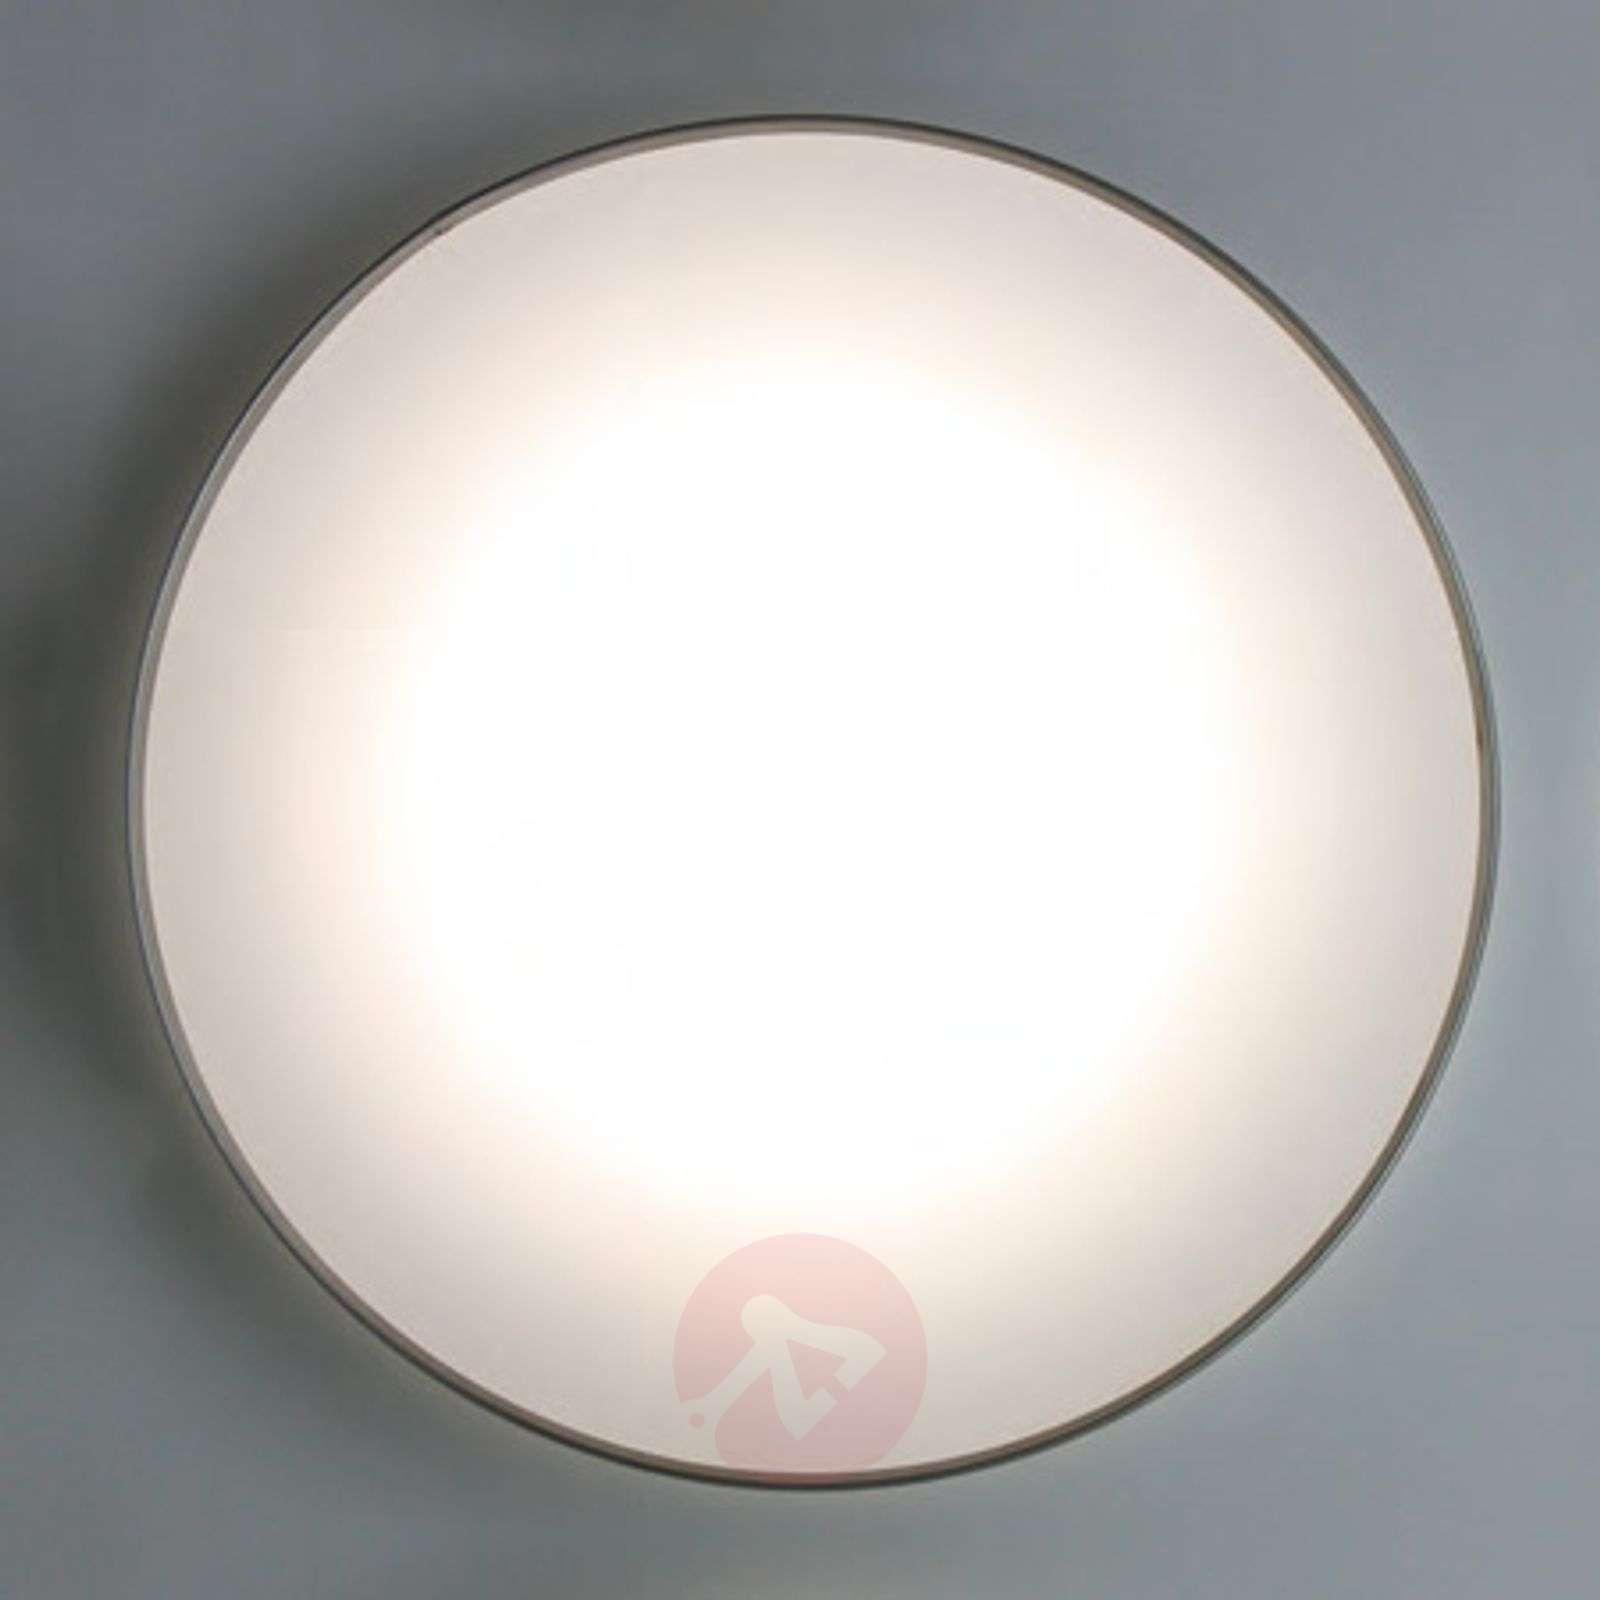 LED-kattovalaisin SUN 4, 8W 3 K ruostumaton teräs-1018192-02